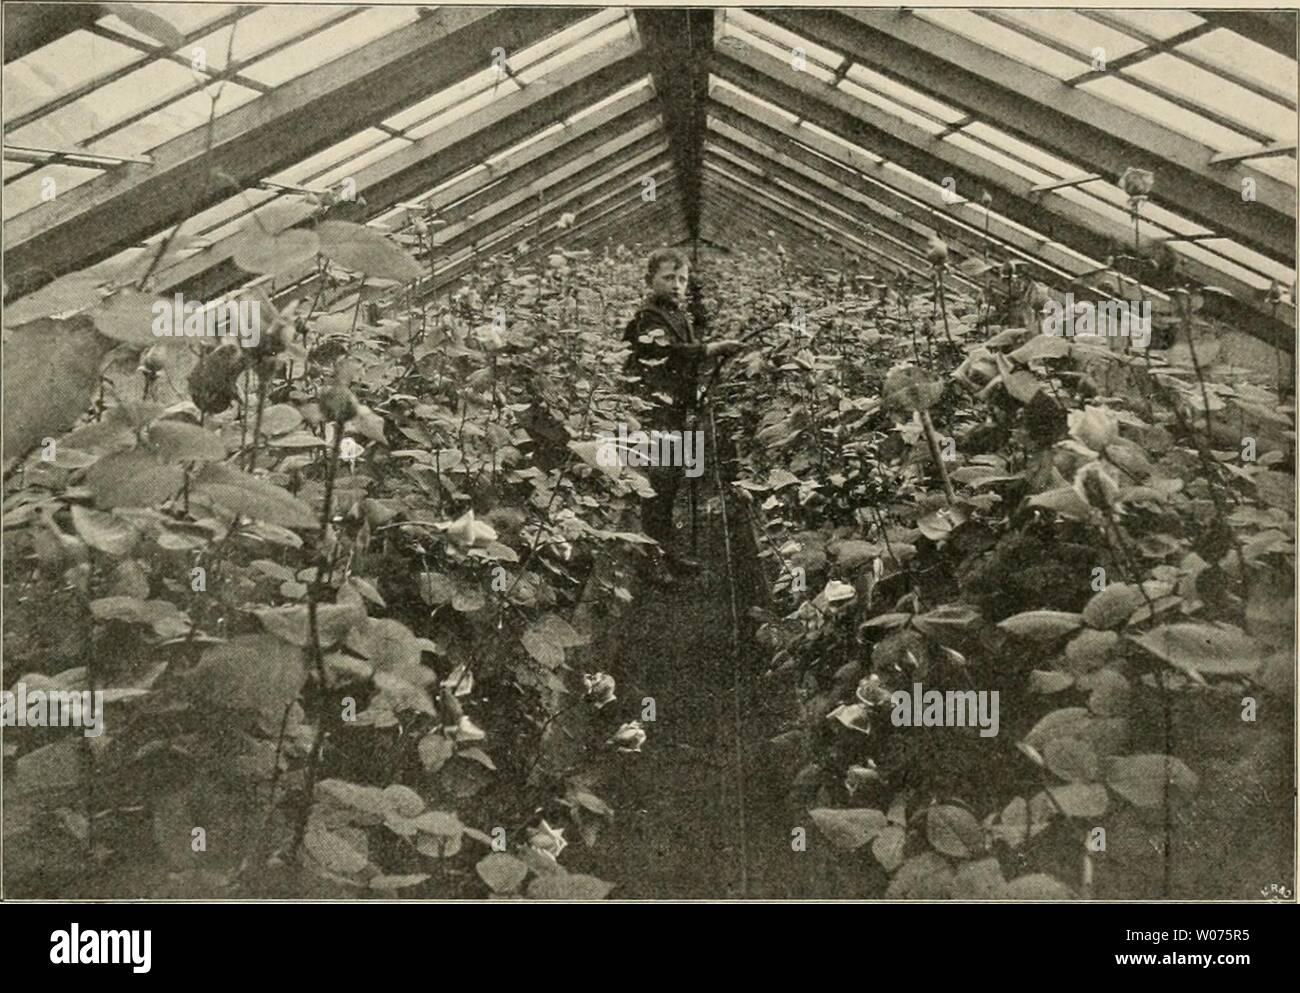 Archive image from page 500 of Die Gartenwelt (1897). Die Gartenwelt  diegartenwelt03berl Year: 1897  in, 39 Die Gartenwelt. 461 troffen, die den Geschmack des Rosenliebhabers durch Farbe, Duft, williges Blühen, edele Form oder durch die Gröfse und allgemeine Wirkung der einzelnen Blumen be- friedigen dürfte. 1894 brachte: Himmdsaiigc (Geschwind), hervorragend schöne, dunkel- rote Schlingrose von kräftigem, aufrechtem Wuchs. Blume grofs. Winterhart. Crimson Rambler. Die Vorzüge dieser allbekannten, herrlichen Kletterrose brauche ich nicht wieder aufs neue zu erwähnen. Jedenfalls dürfte Crimson - Stock Image